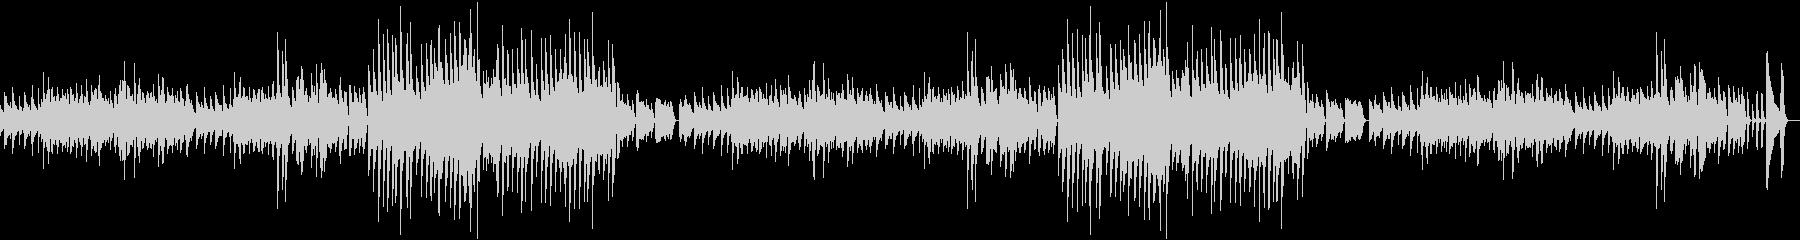 料理動画にぴったり!レトロ風ピアノBGMの未再生の波形